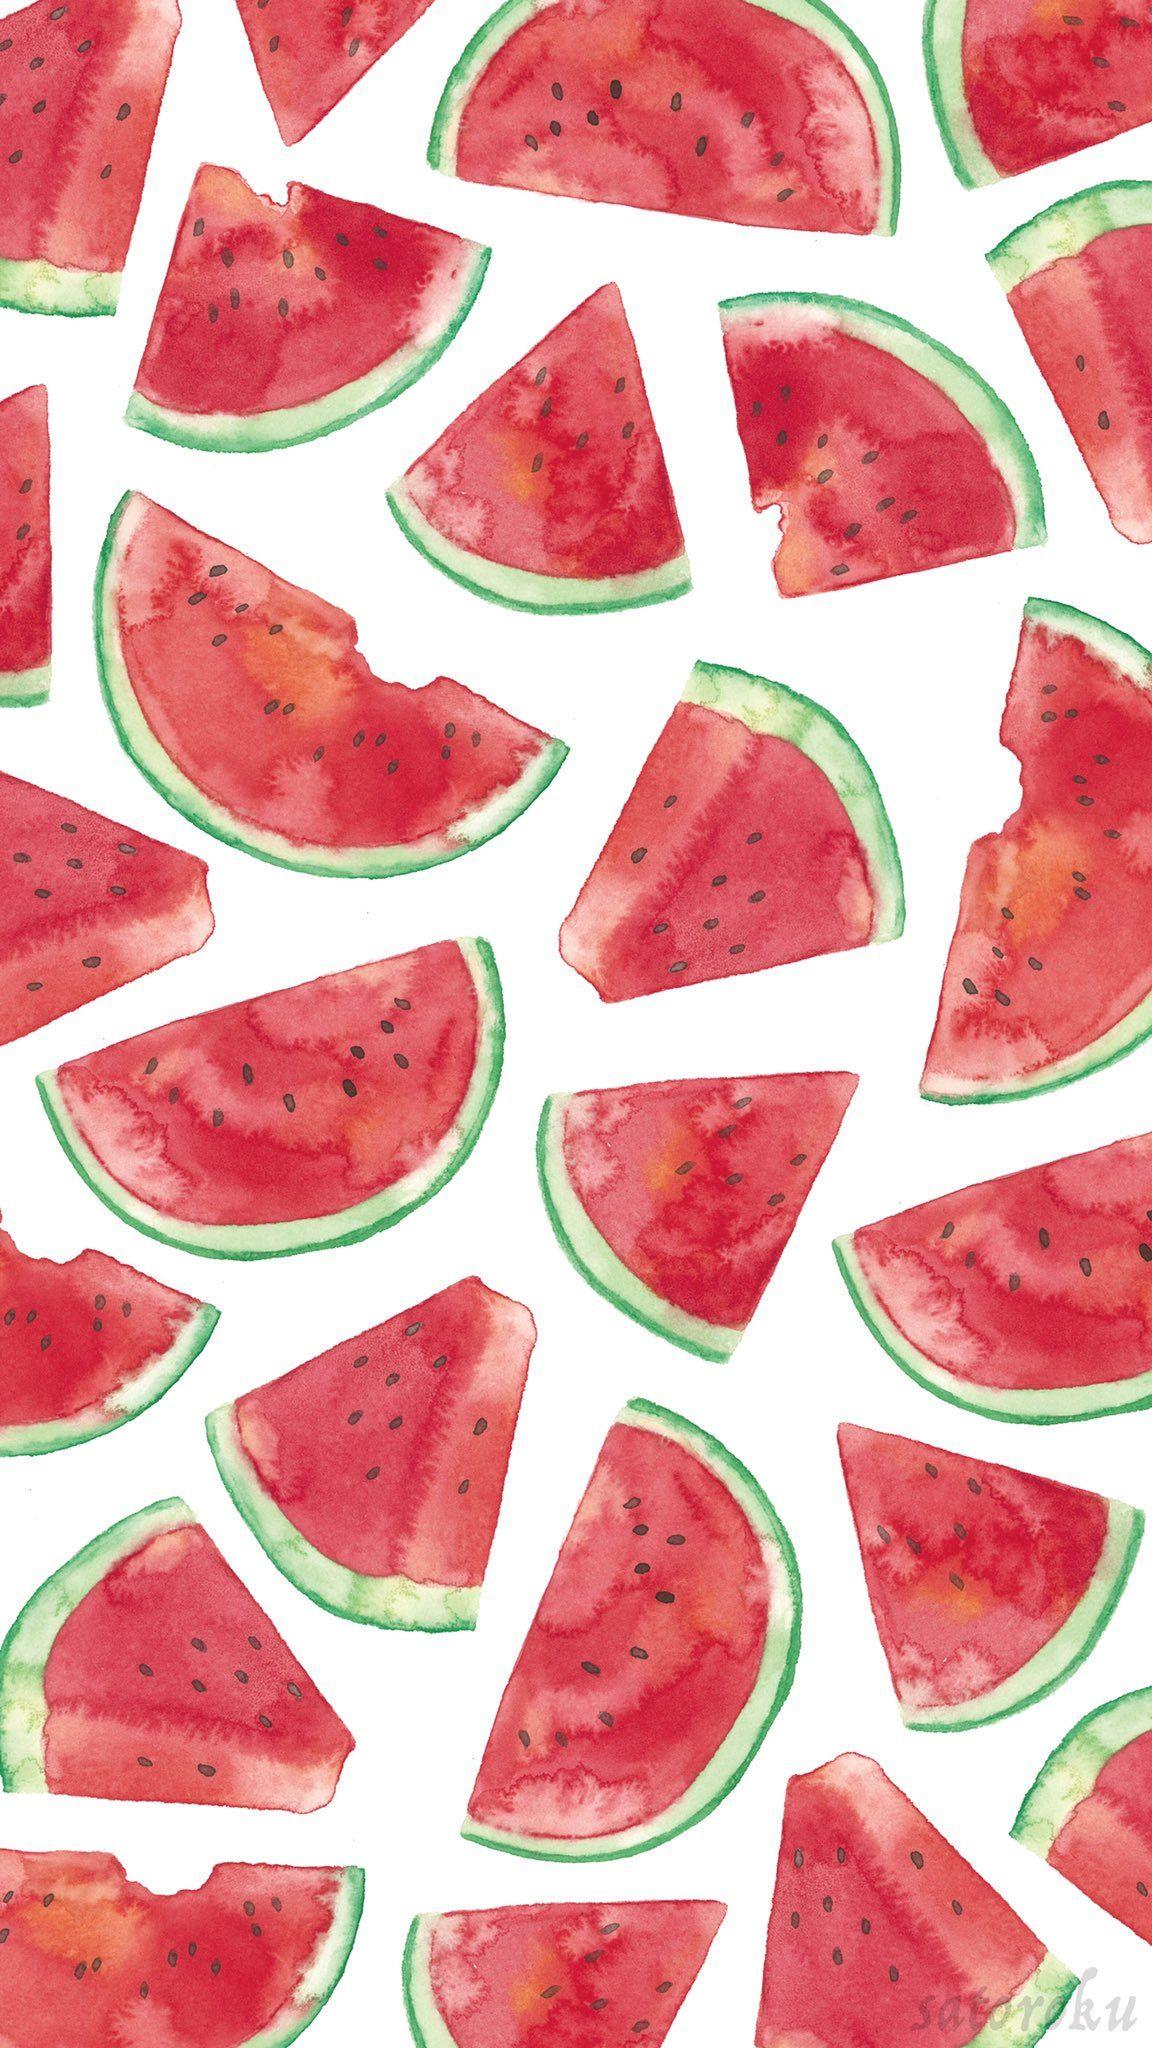 さとろく On With Images Watermelon Wallpaper Fruit Wallpaper